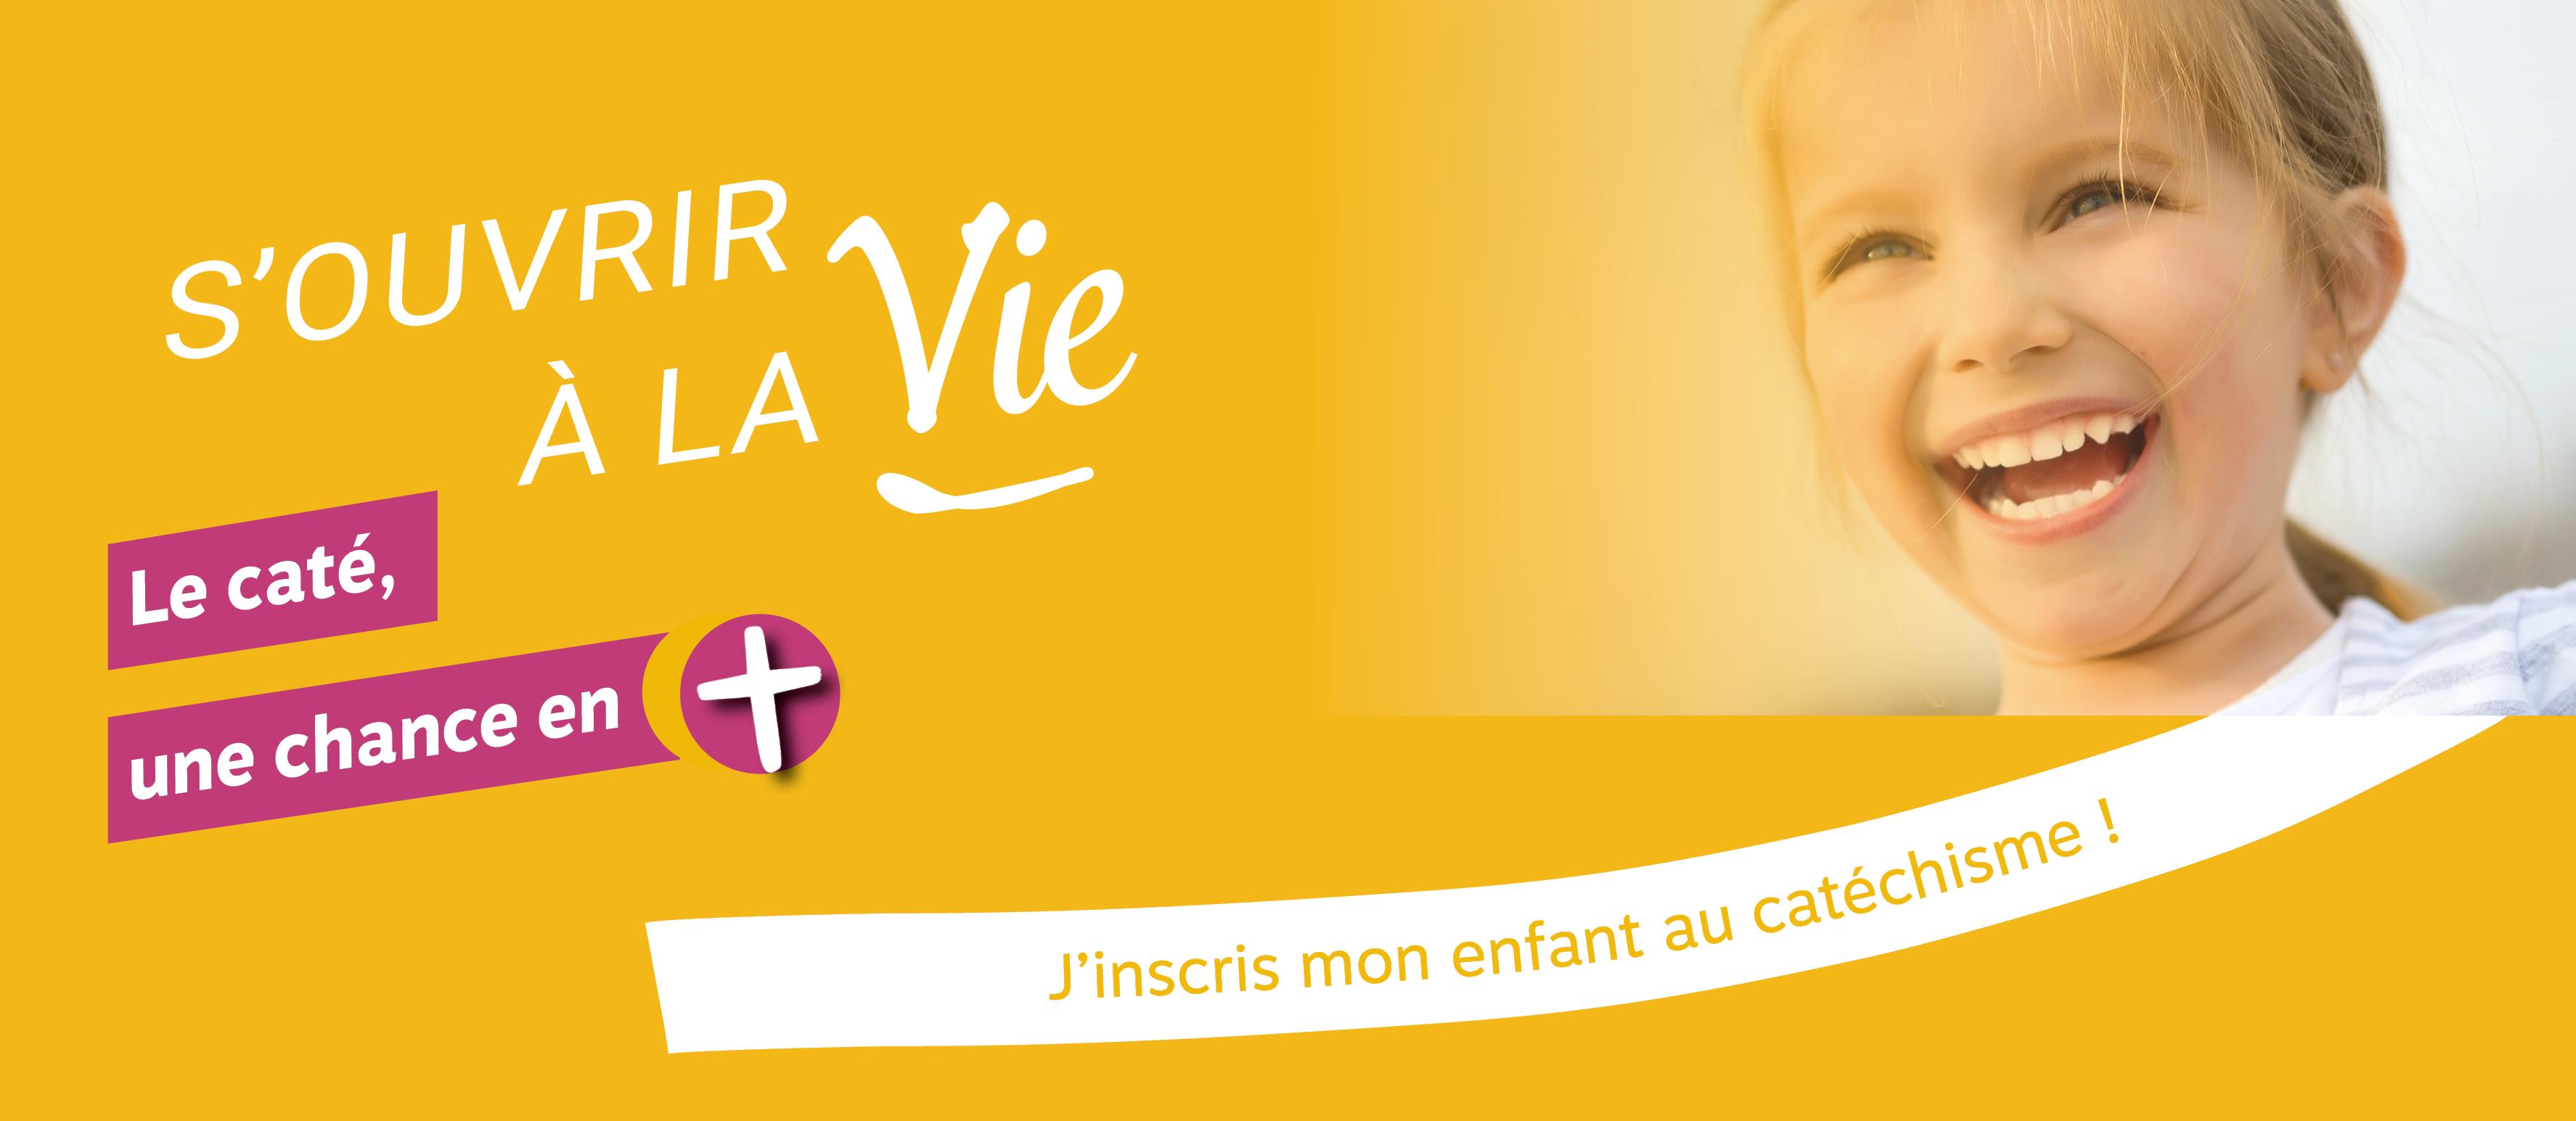 Communication du diocèse de Mende - Campagne catéchèse 2019